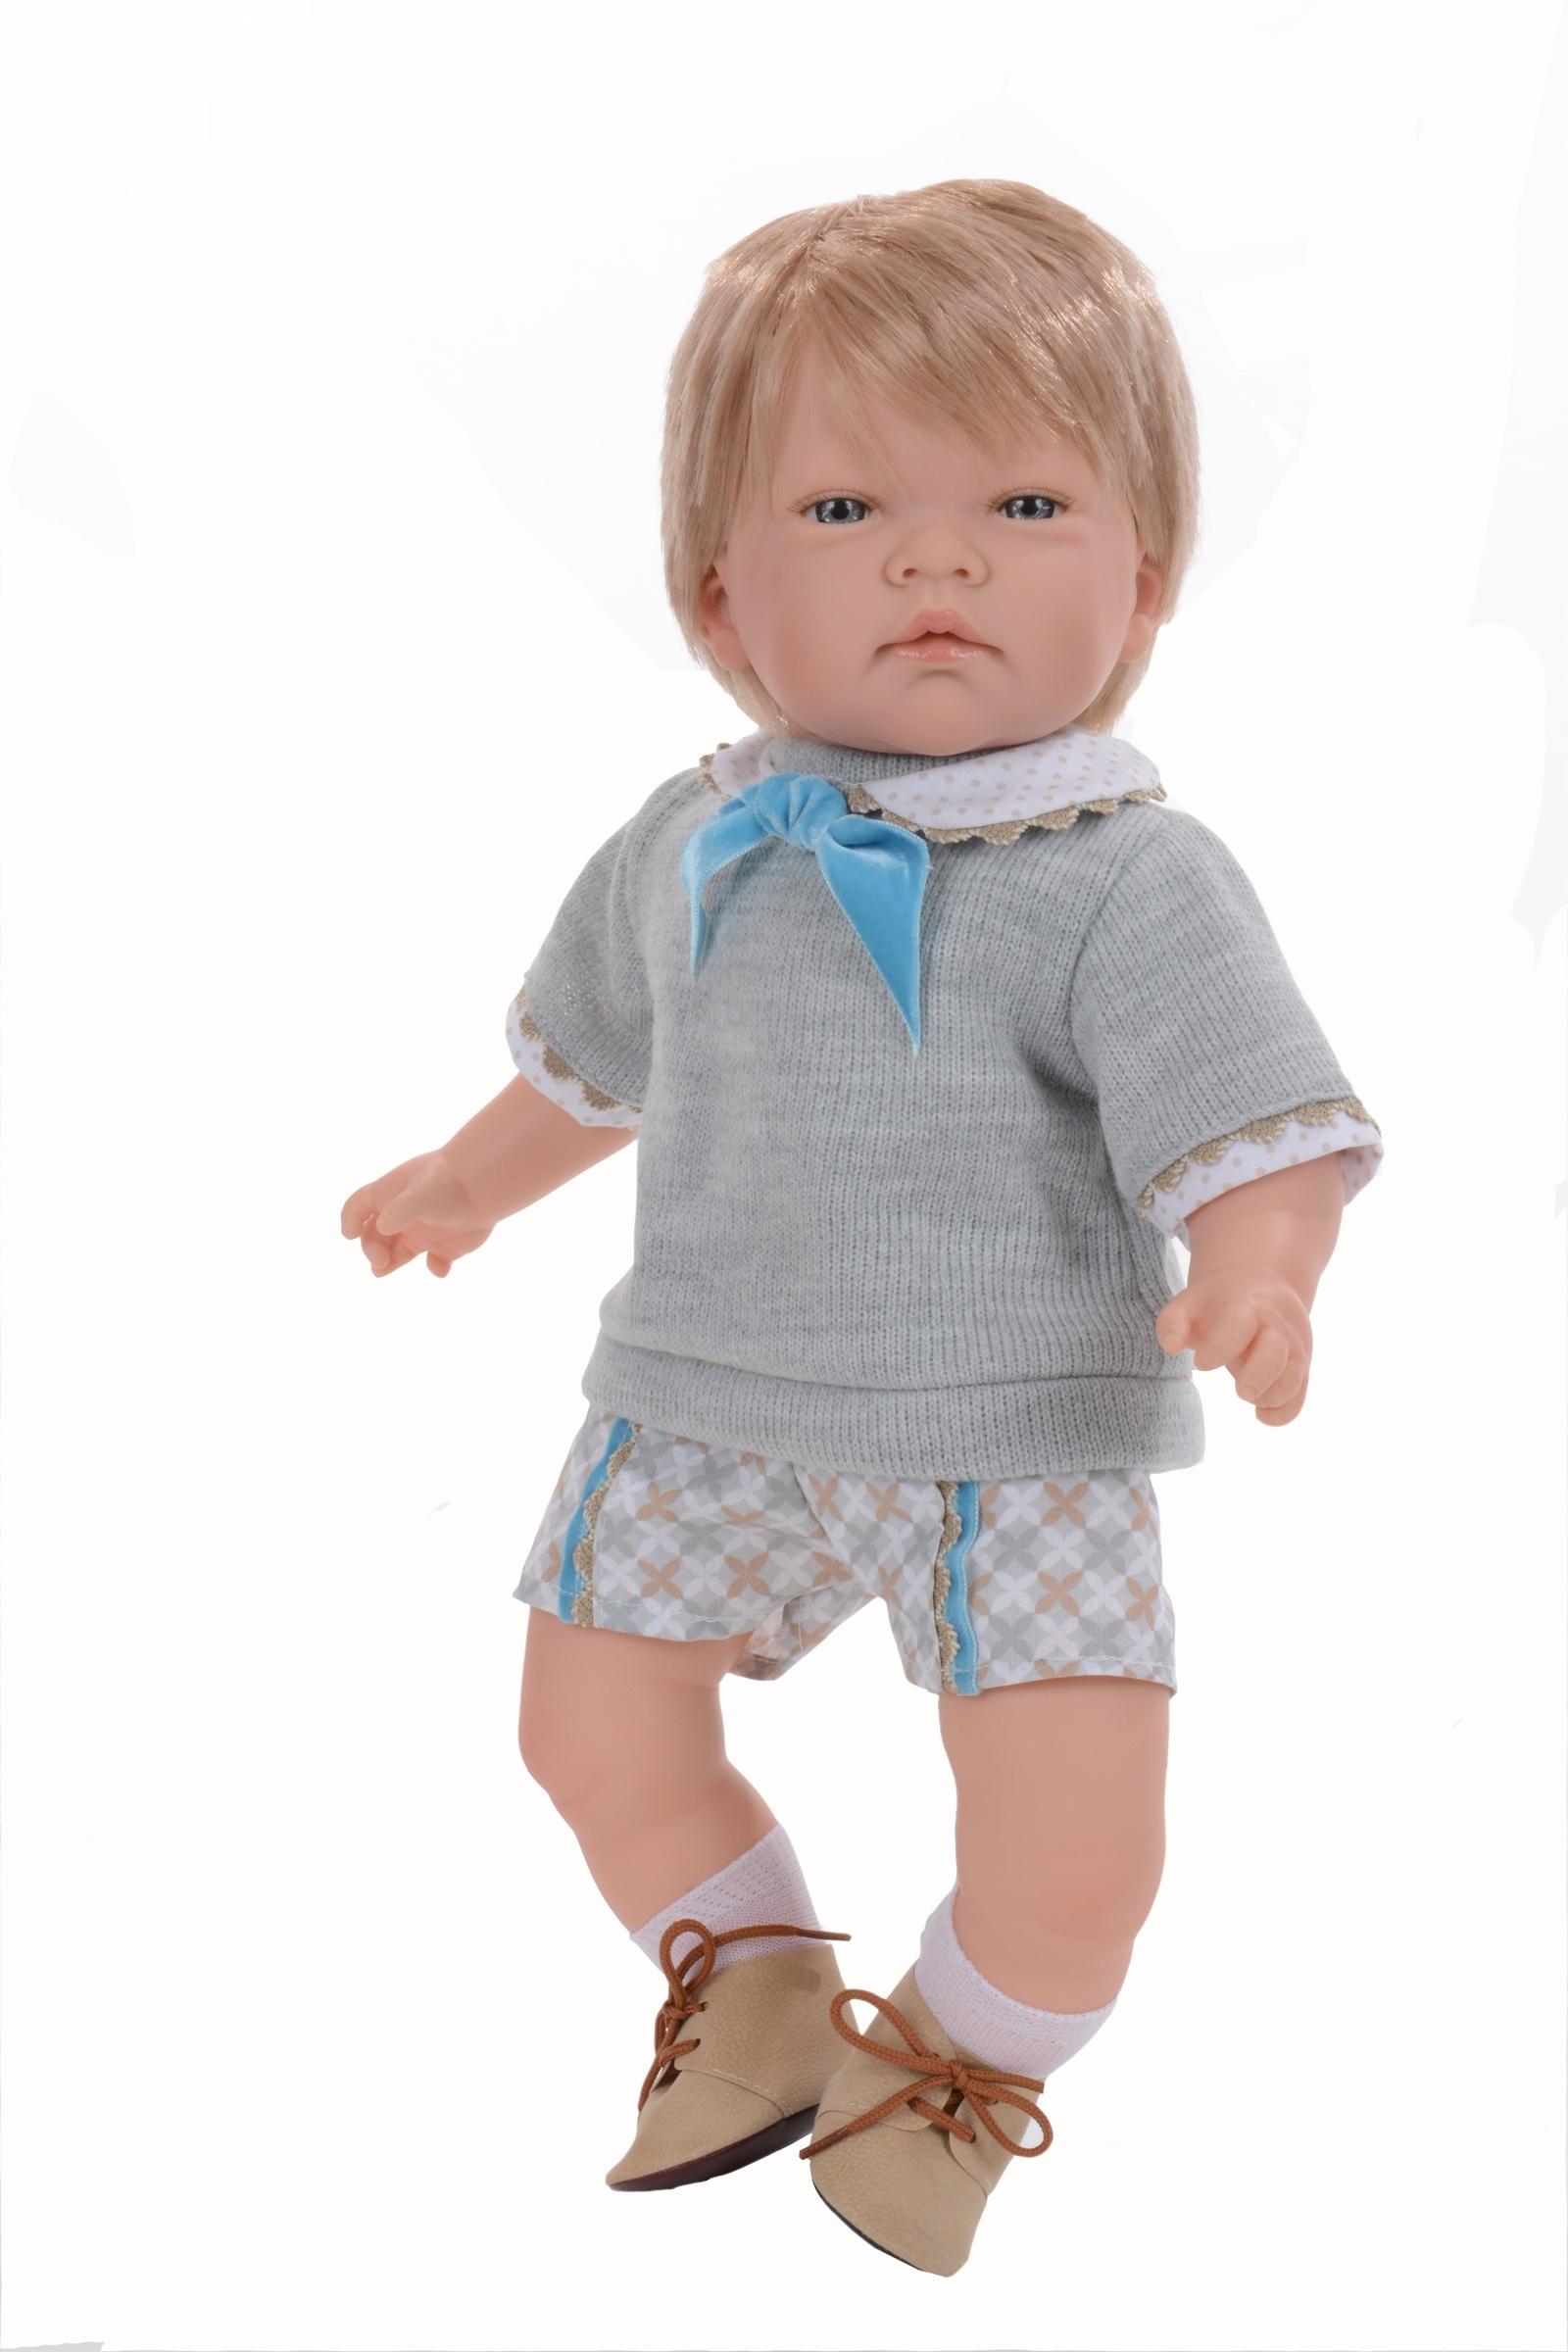 Кукла Nines DOnil CELION1401Мальчик мягко-набивной (очень приятный на ощупь). Ручки, ножки и голова из винила. Блондин, прошивка по всей голове (не парик). На ручках и ножках имеются складочки, как у настоящего ребенка. Куколка имеет легкий аромат ванили, со временем запах становится слабее.У малыша серые, акриловые глазки с длинными ресницами (не закрываются). Внутри мягкого тела вложен звуковой механизм, если нажать на животик - кукла начнёт смеяться (чтобы кукла воспроизводила звуки, нужно удалить пластиковую защиту в механизме). Одет - серые шорты с рисунком, белая рубашка, серая вязаная кофта на завязке, на ножках белые вязаные носочки и бордовые кожаные ботинки на шнуровке. Одежда вся снимается. Все куколки 100% оригинал, имеют фирменное клеймо, сертификат соответствия, бирочка на одежде. Рост 45см. Упаковка - фирменная подарочная коробка. Производитель - Испания ( Nines D'Onil ).